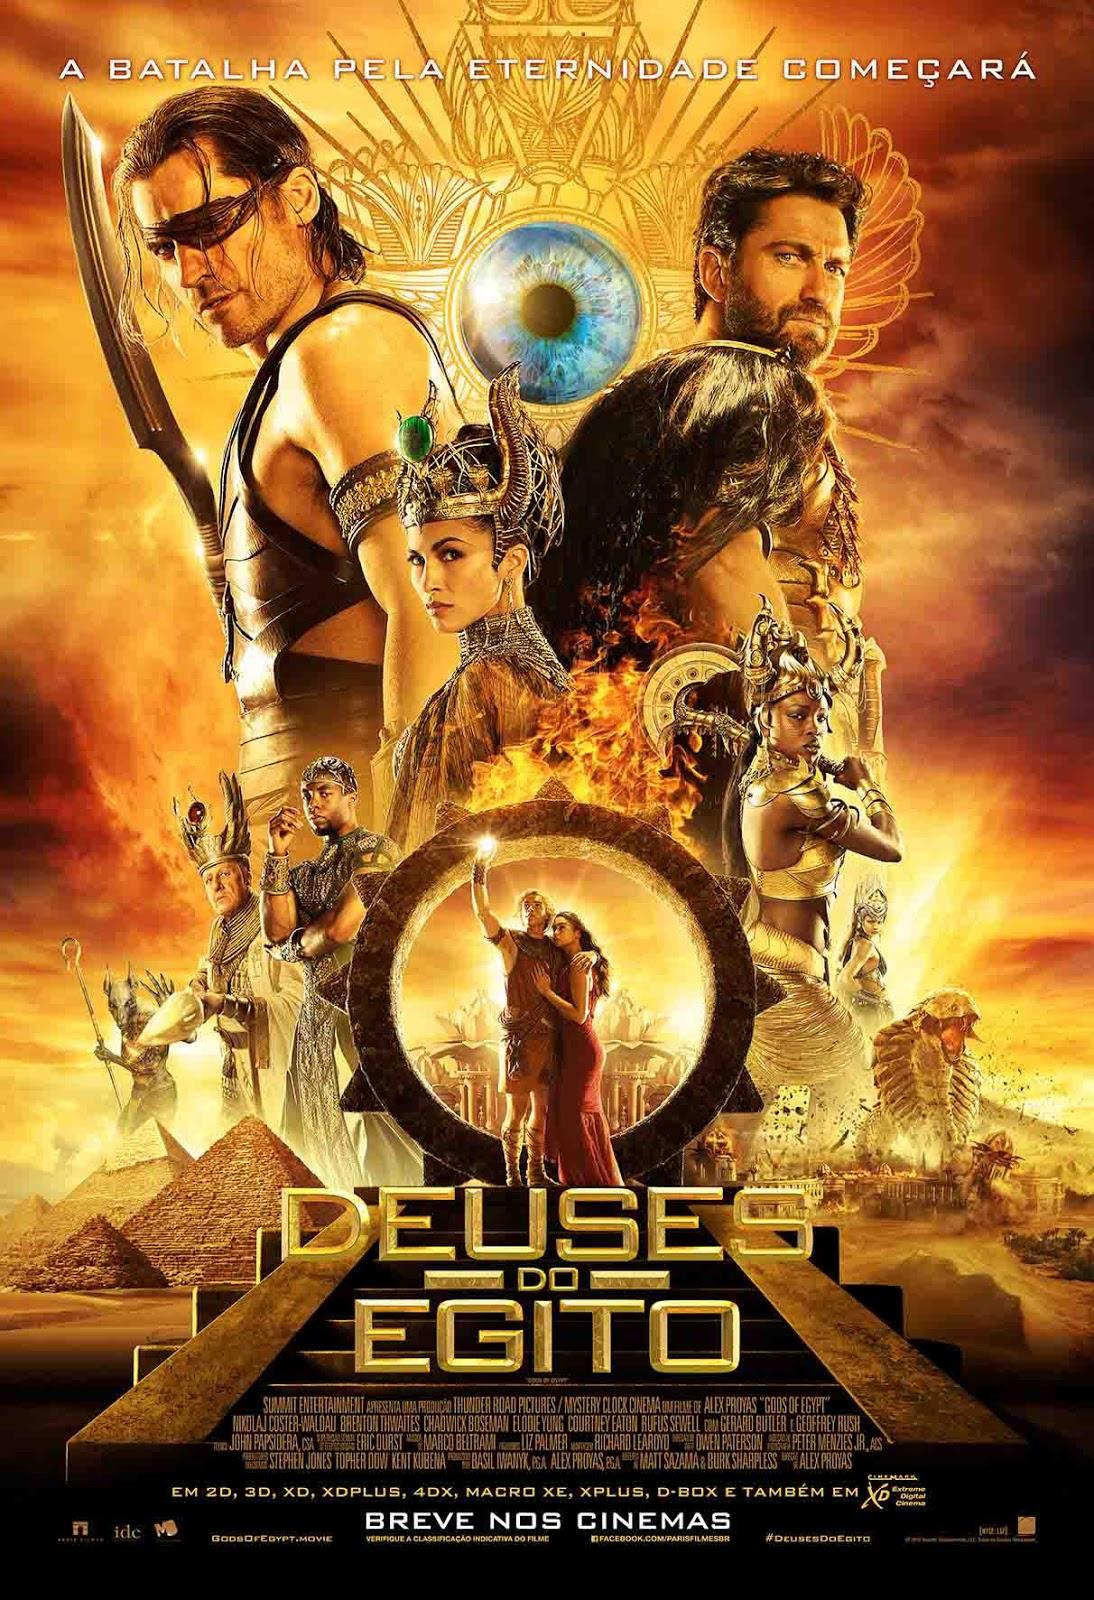 Deuses do Egito Torrent - Blu-ray Rip 4K Dual Áudio (2016)